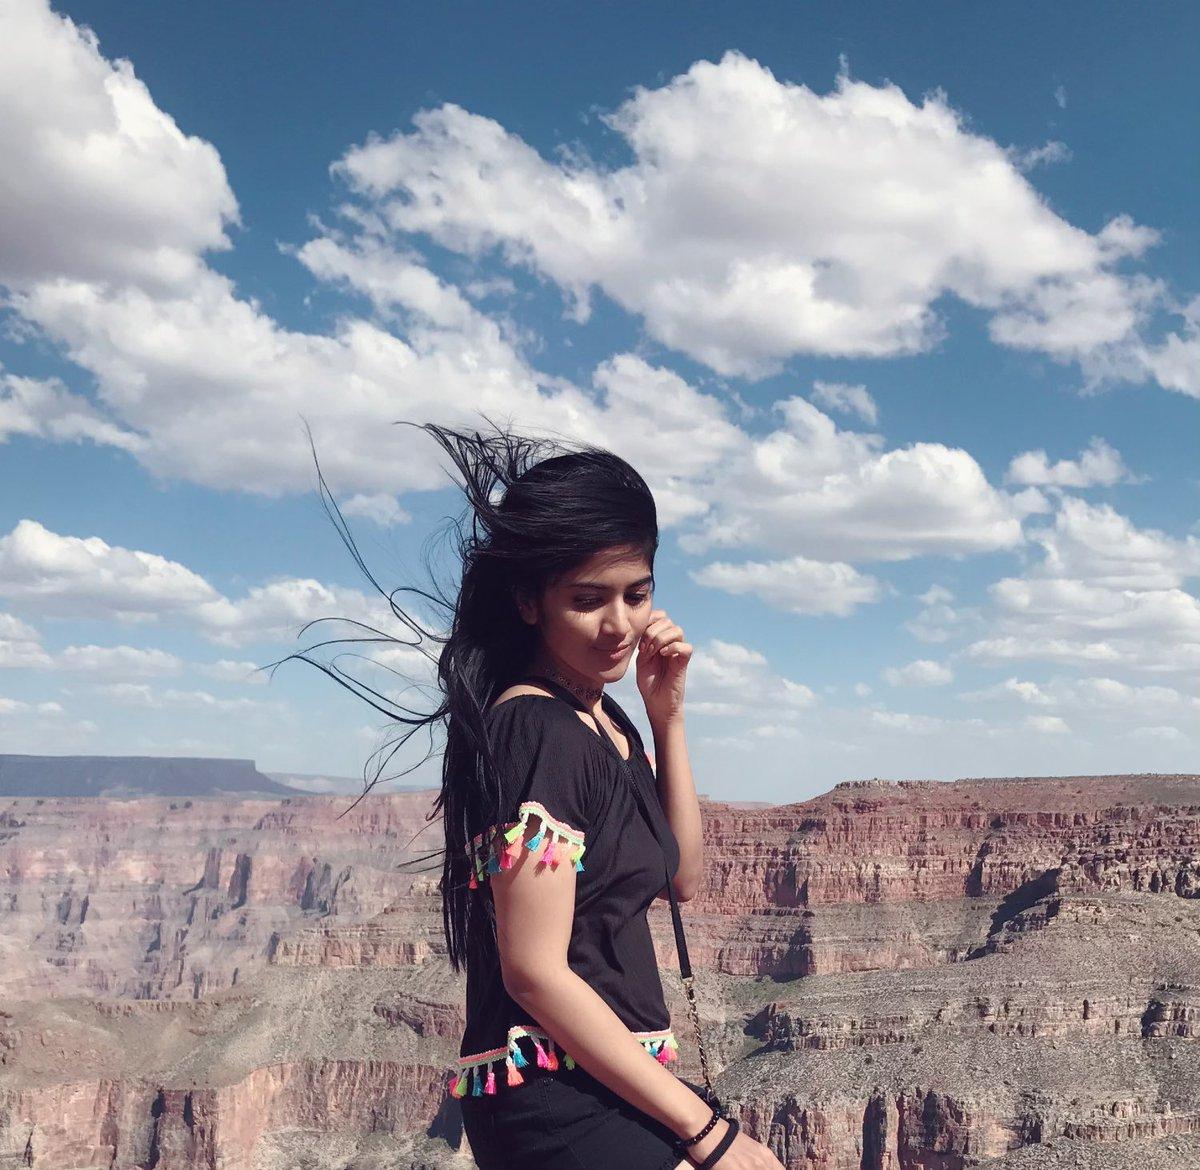 நடிகை மேகா ஆகாஷ். (Image: Twitter)